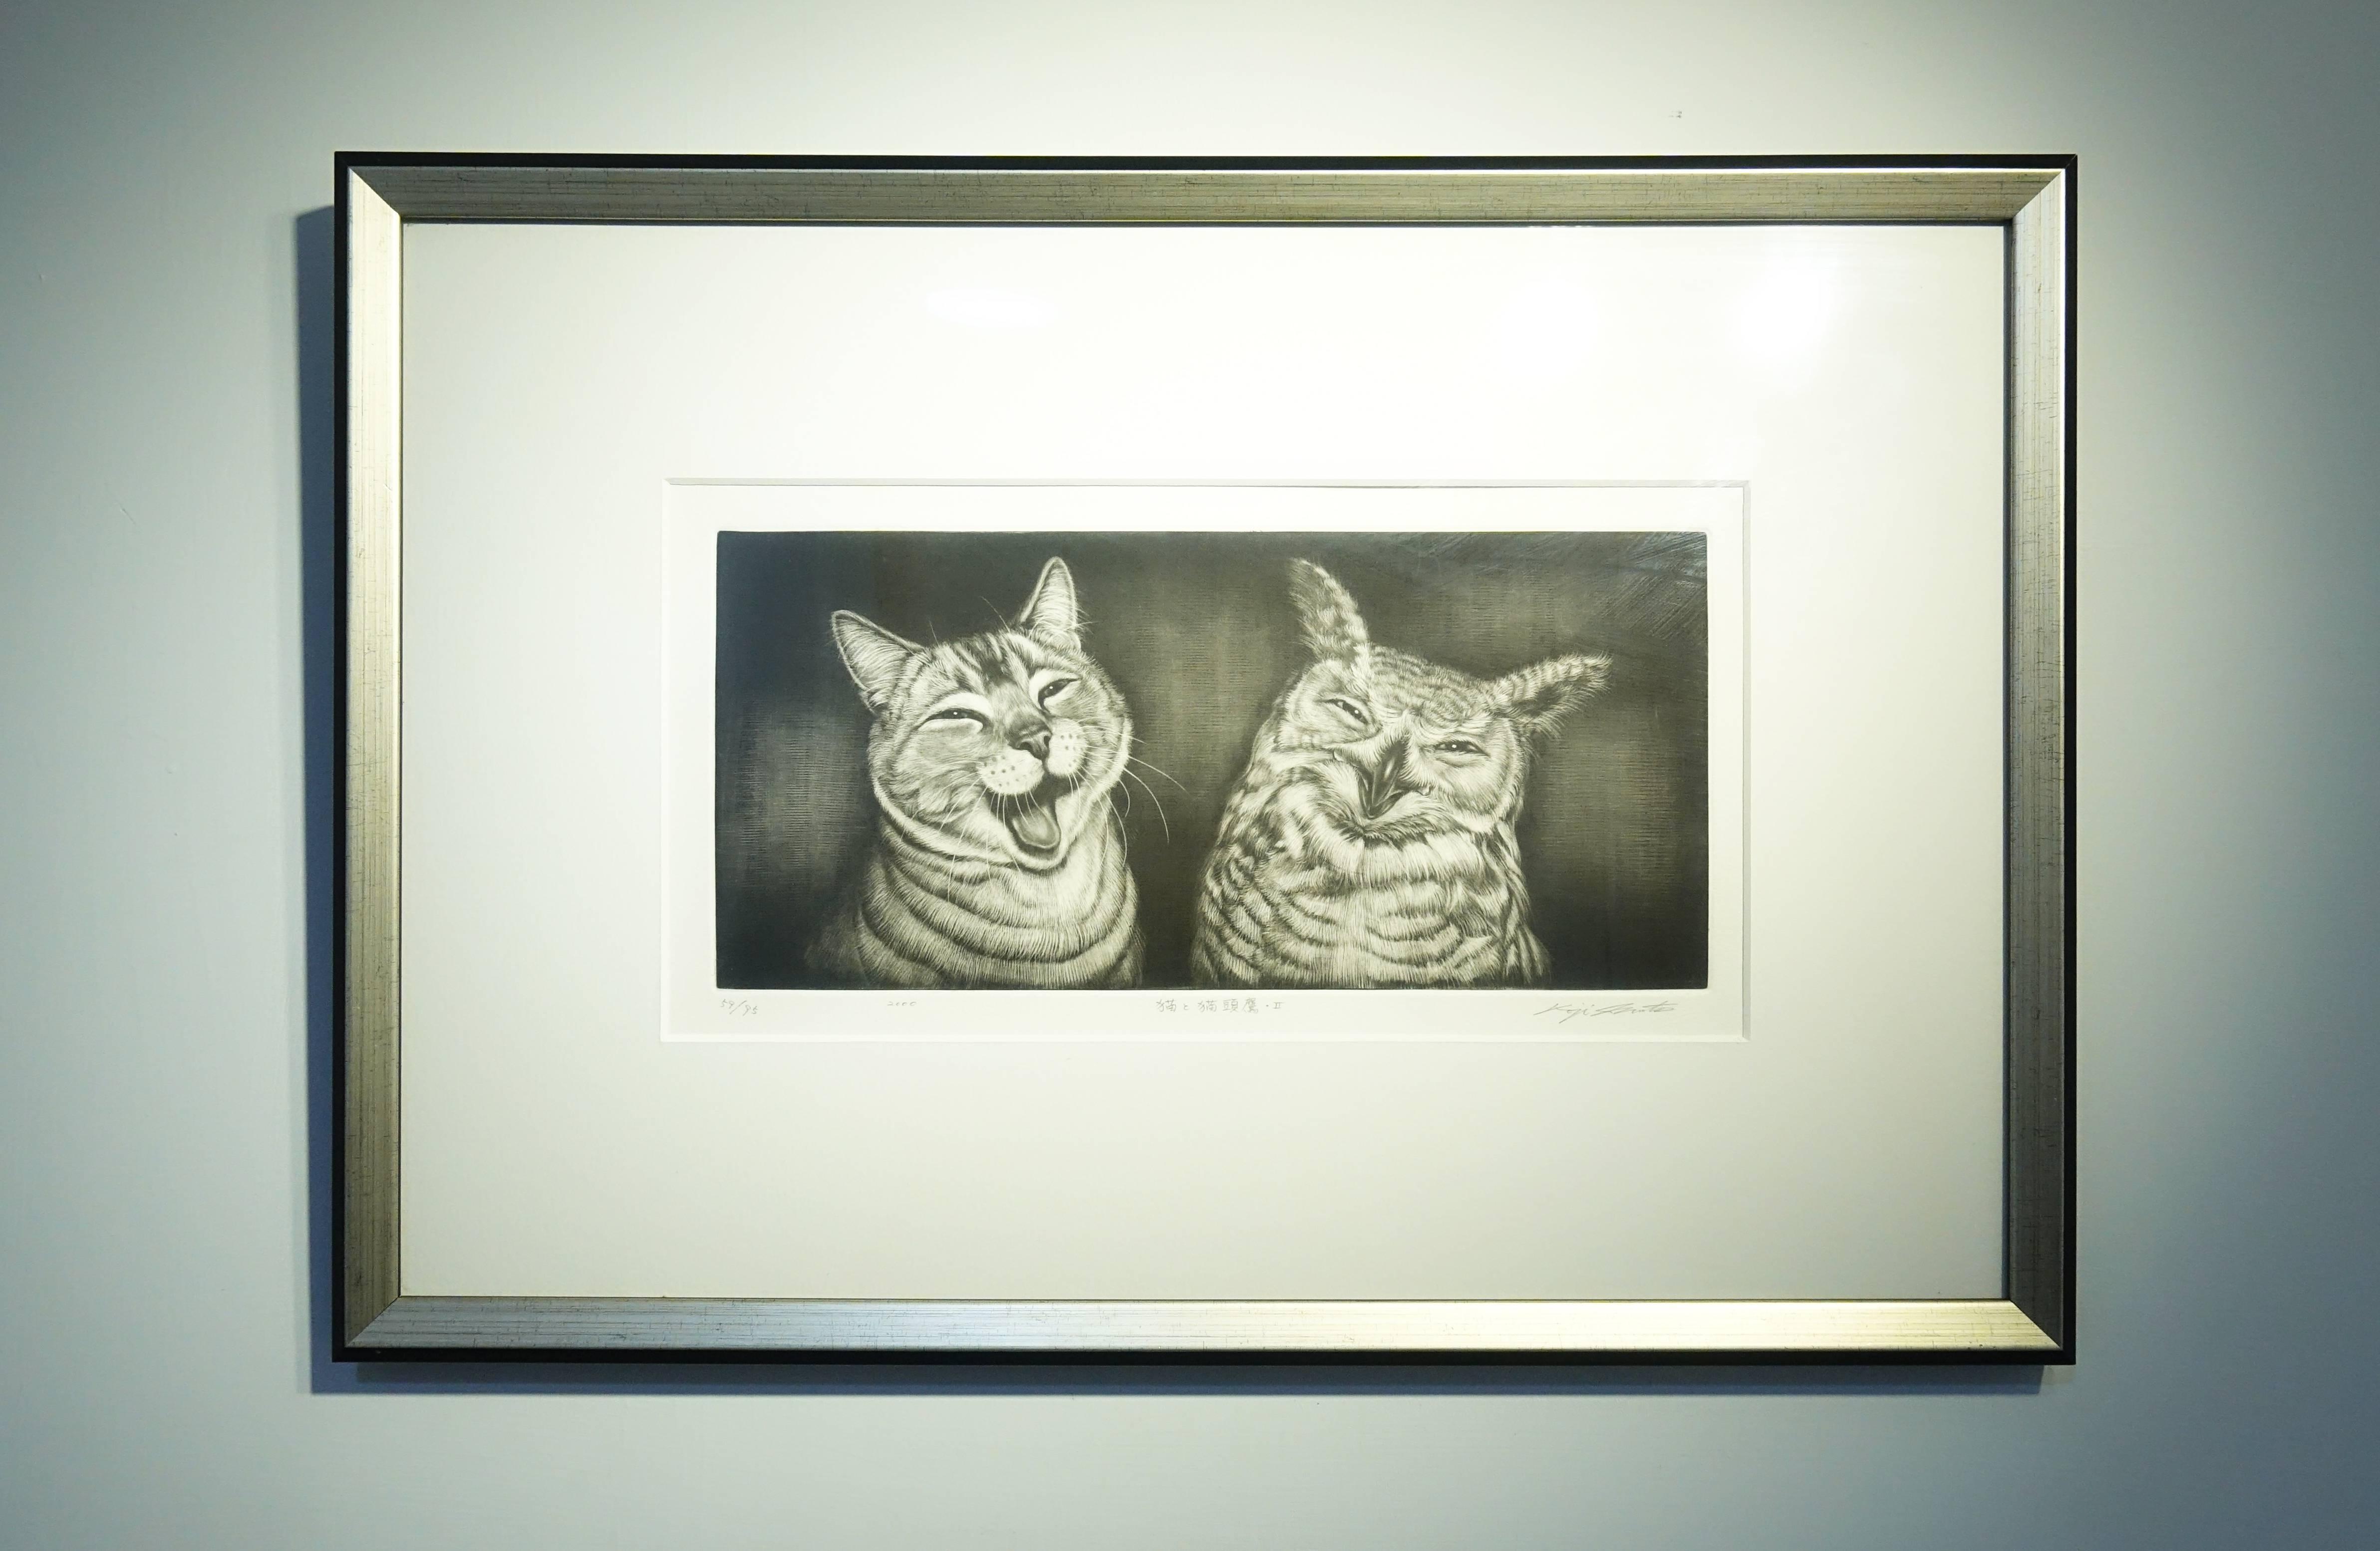 生田宏司,《貓跟貓頭鷹2》,美柔汀銅版,2000。